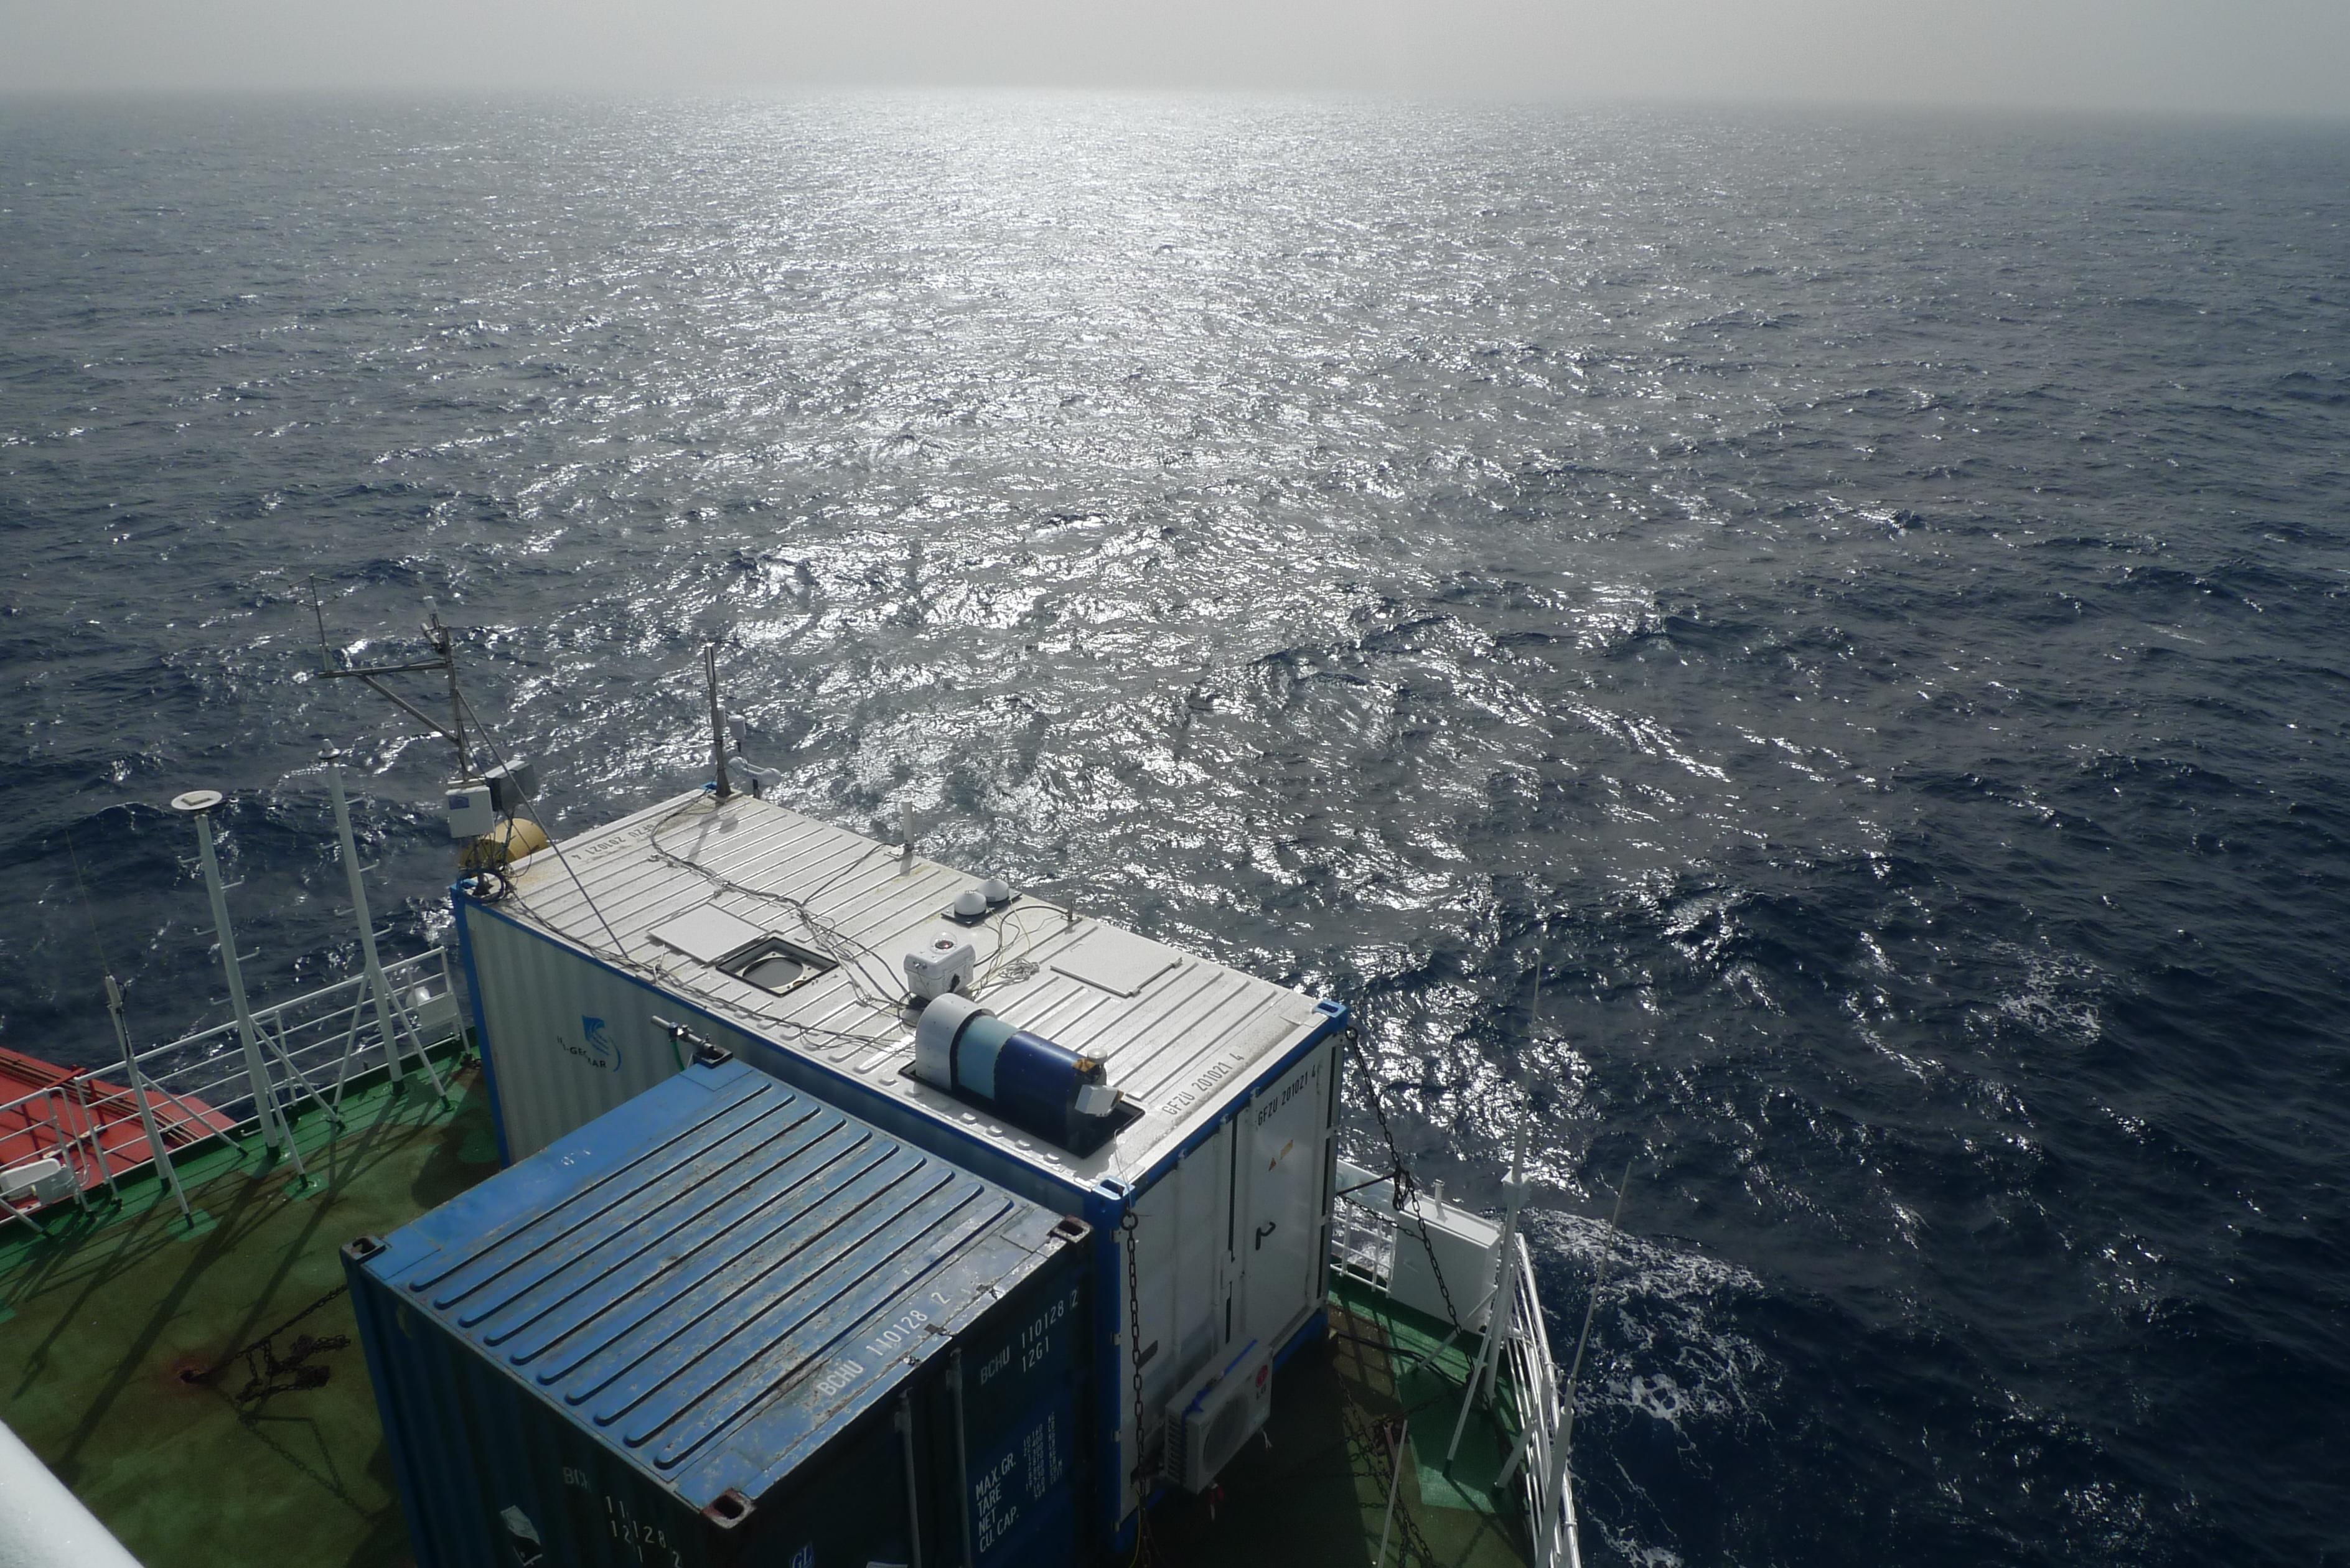 """Die mobile Messplattform """"OCEANET"""" des TROPOSauf dem Forschungsschiff Polarstern (Foto: TROPOS)."""